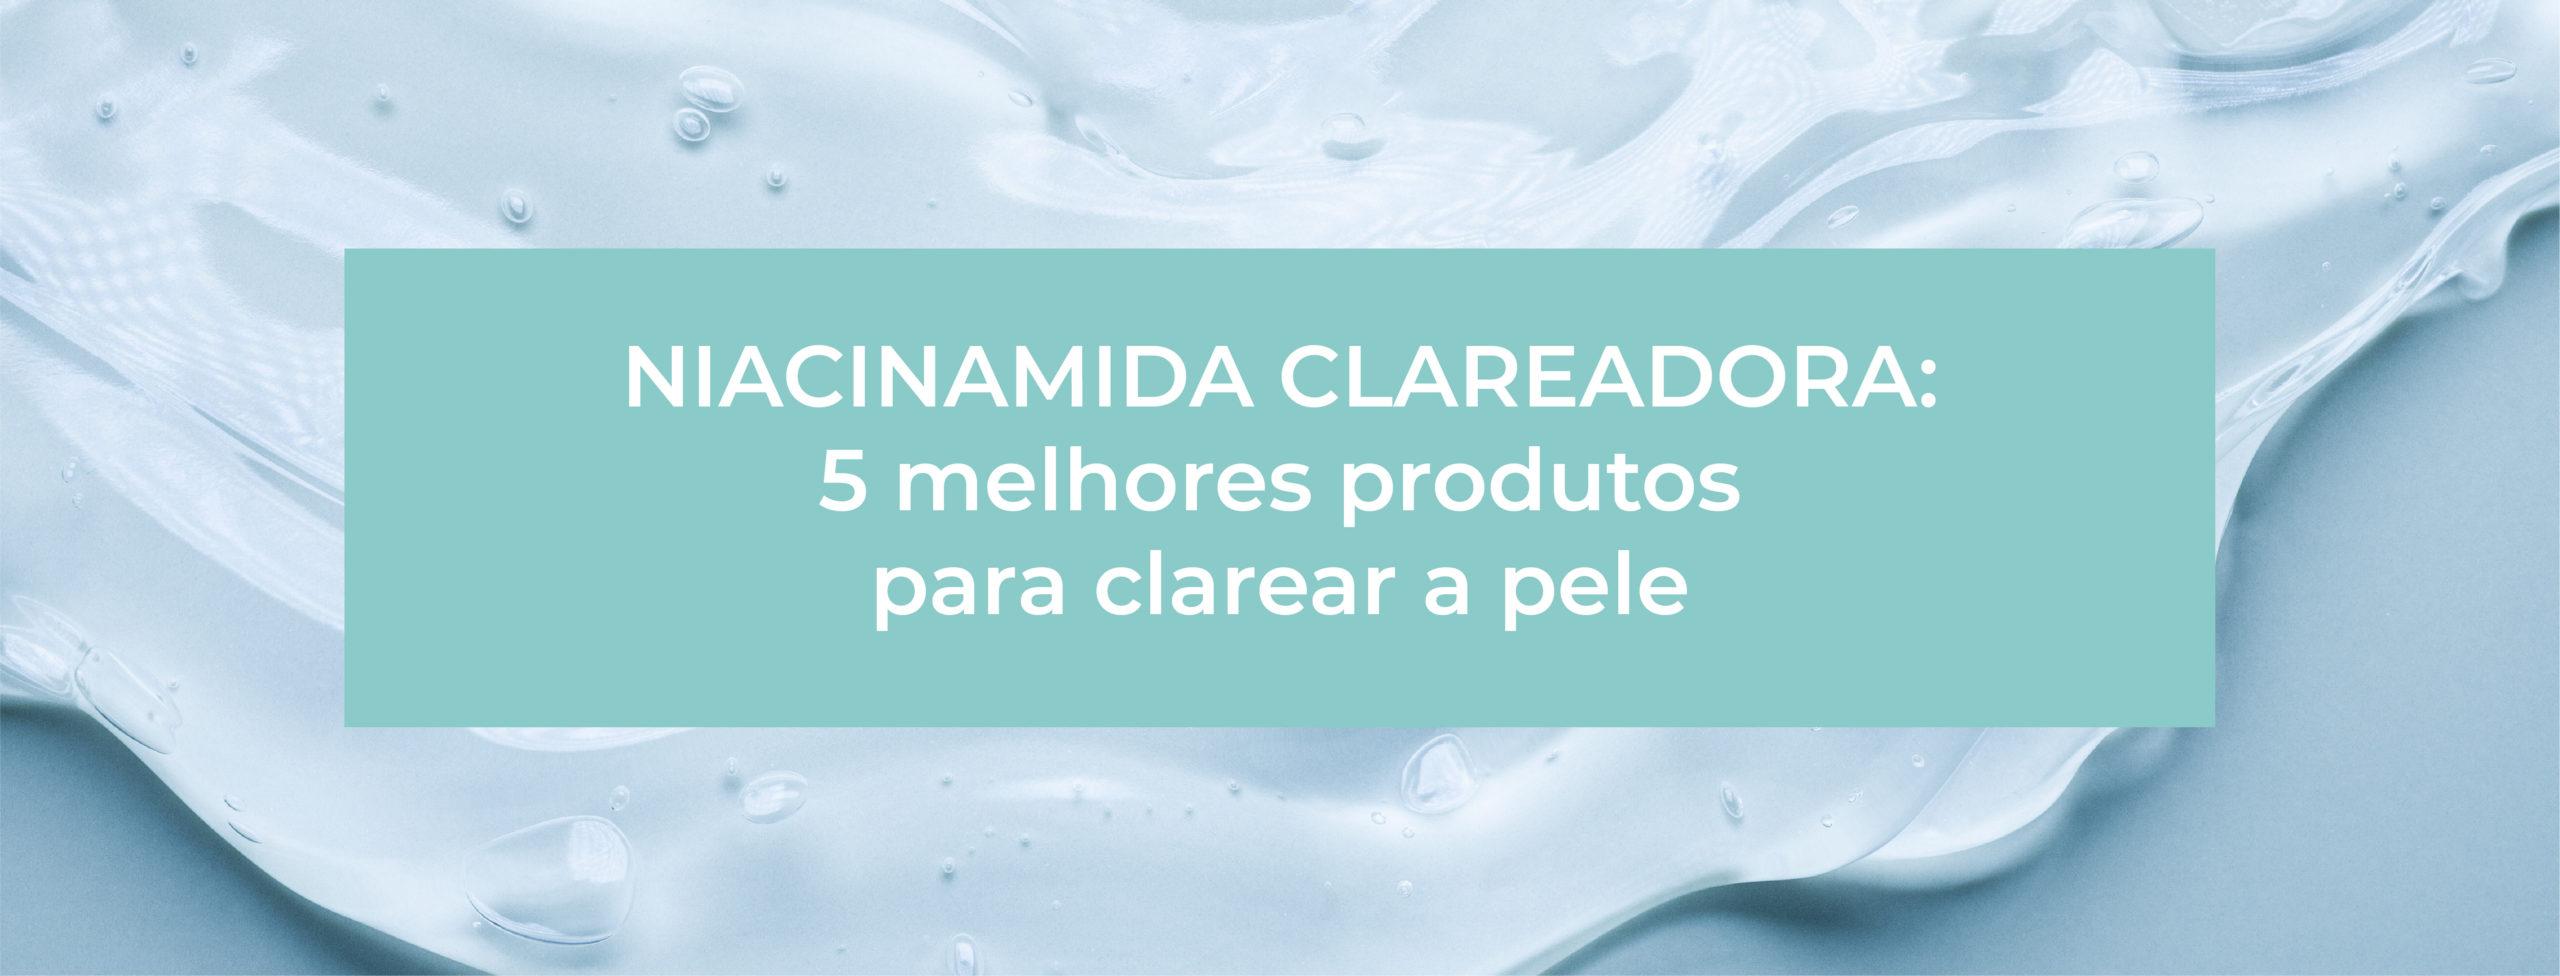 NIACINAMIDA CLAREADORA DE MANCHAS: 5 MELHORES DERMOCOSMÉTICOS PARA VOCÊ ESCOLHER